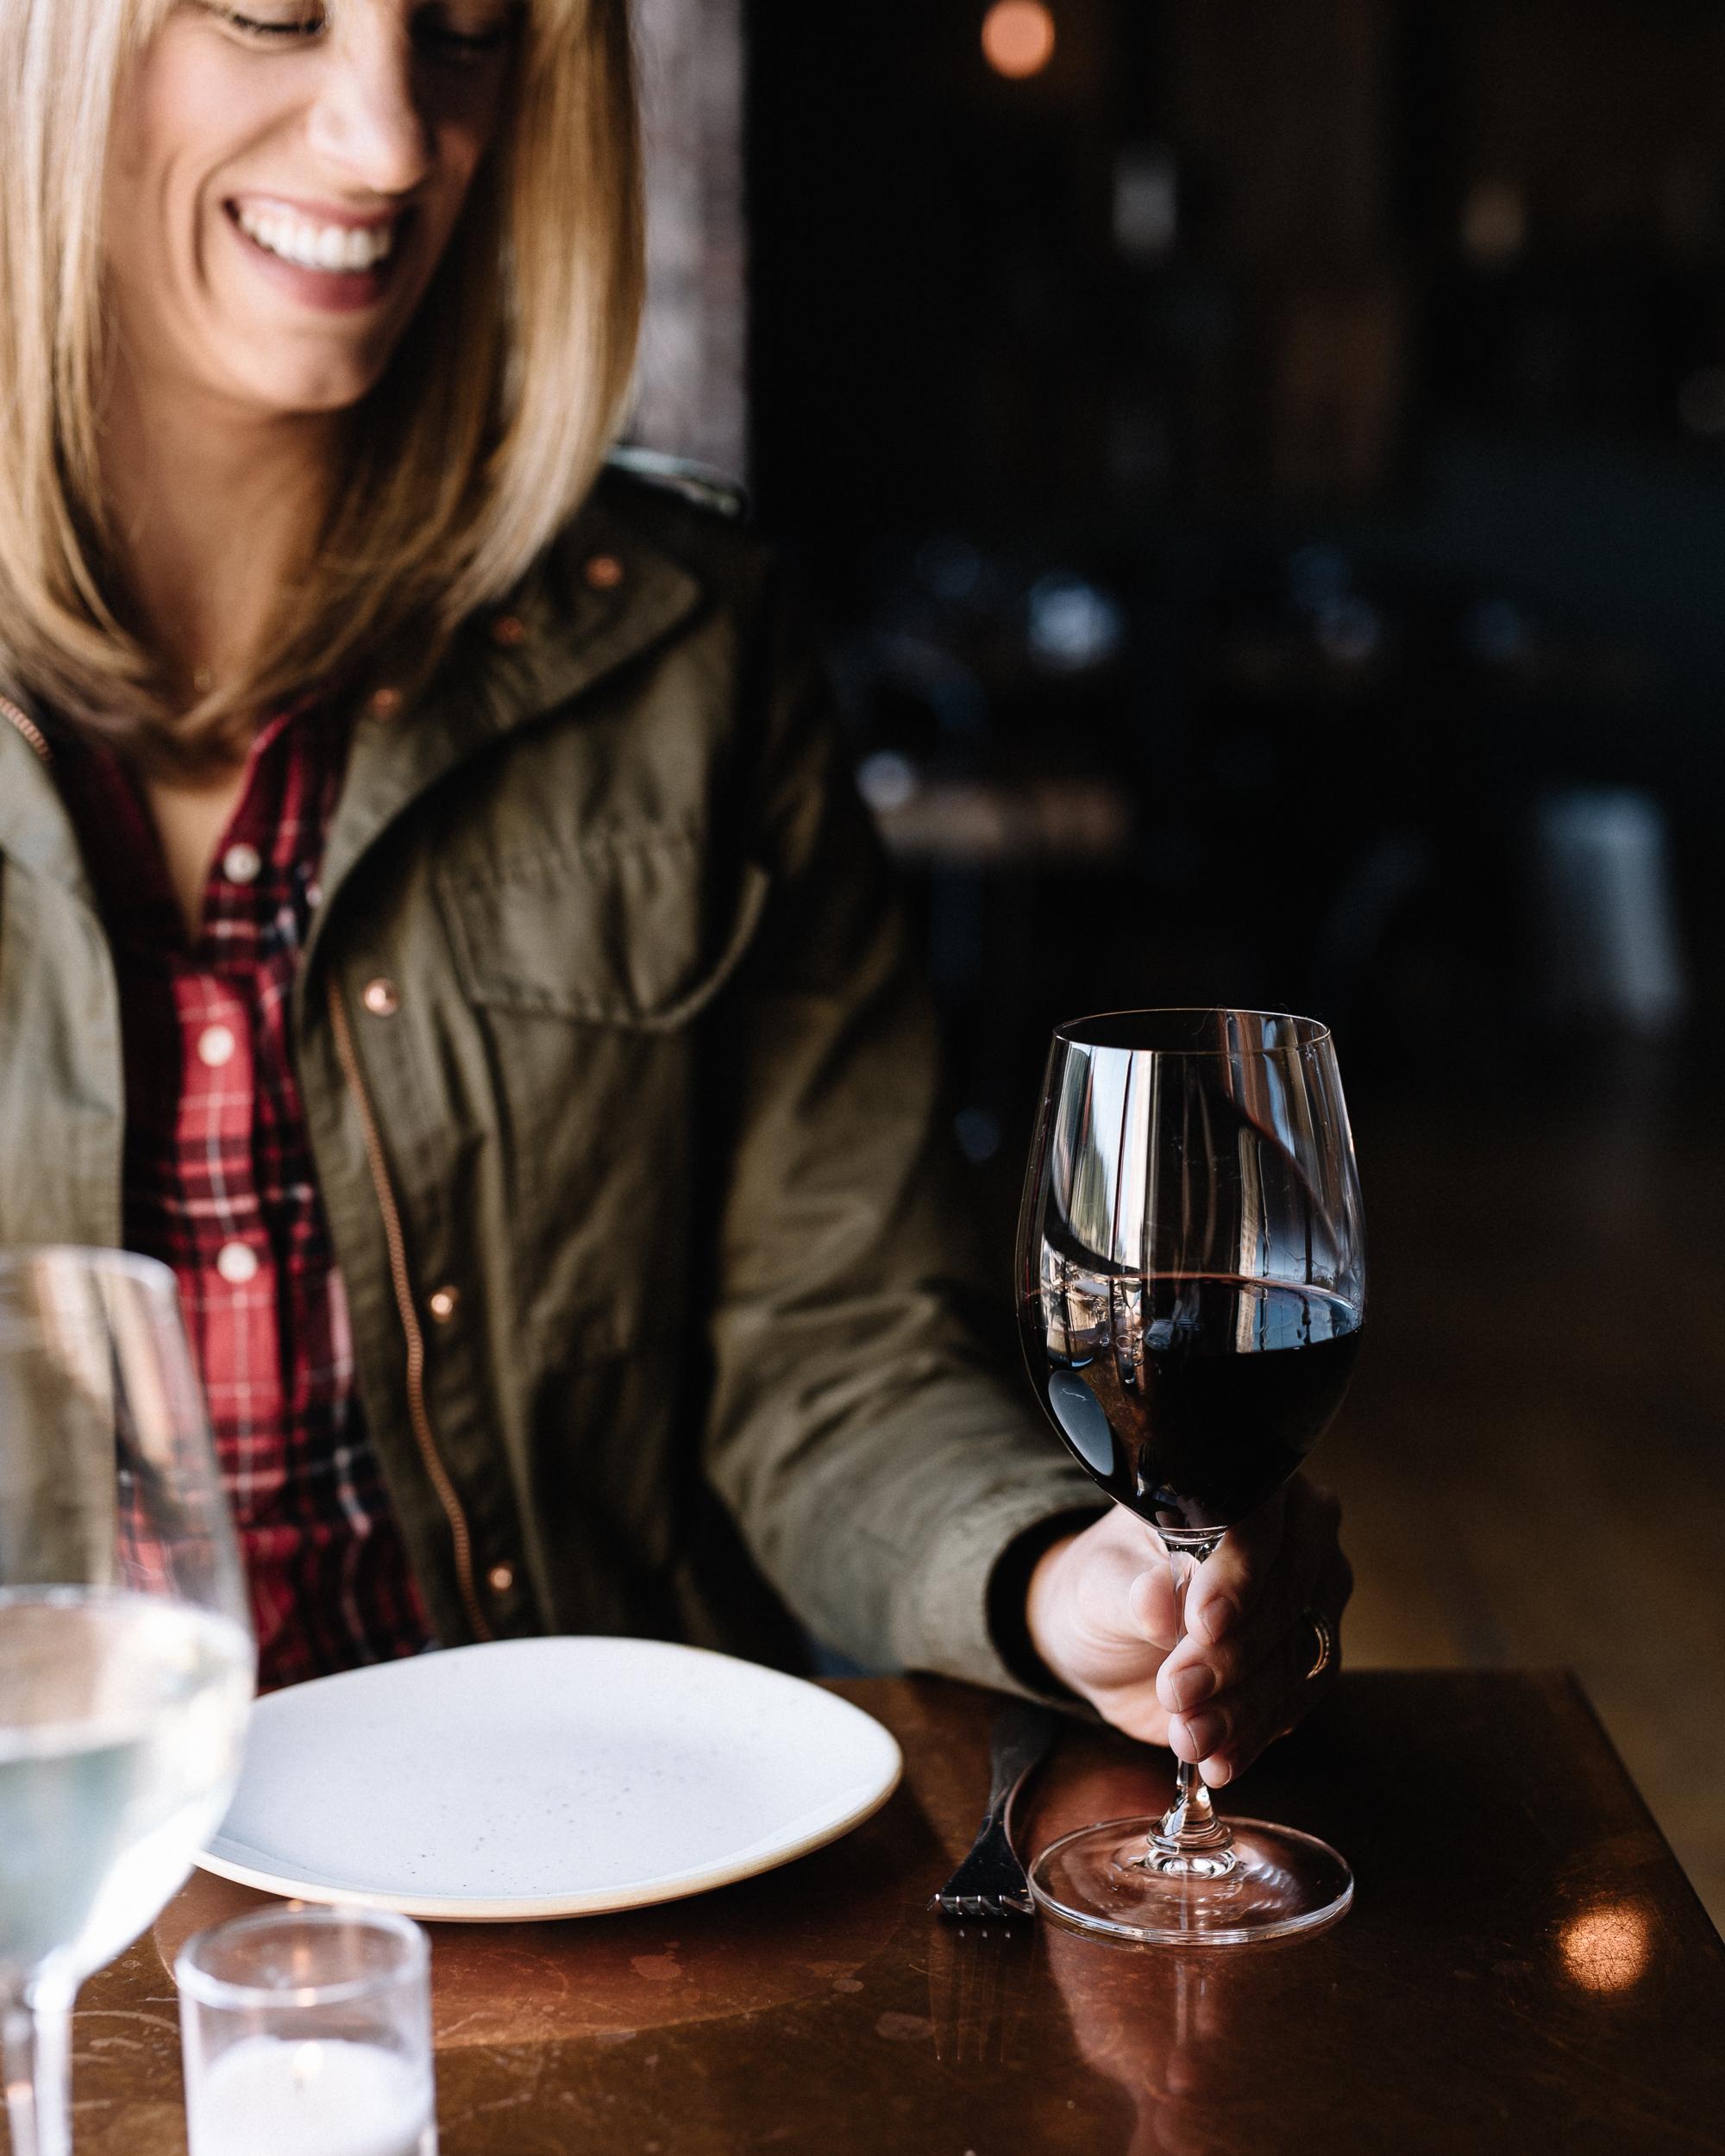 TT-red-wine-taylor-3.jpg